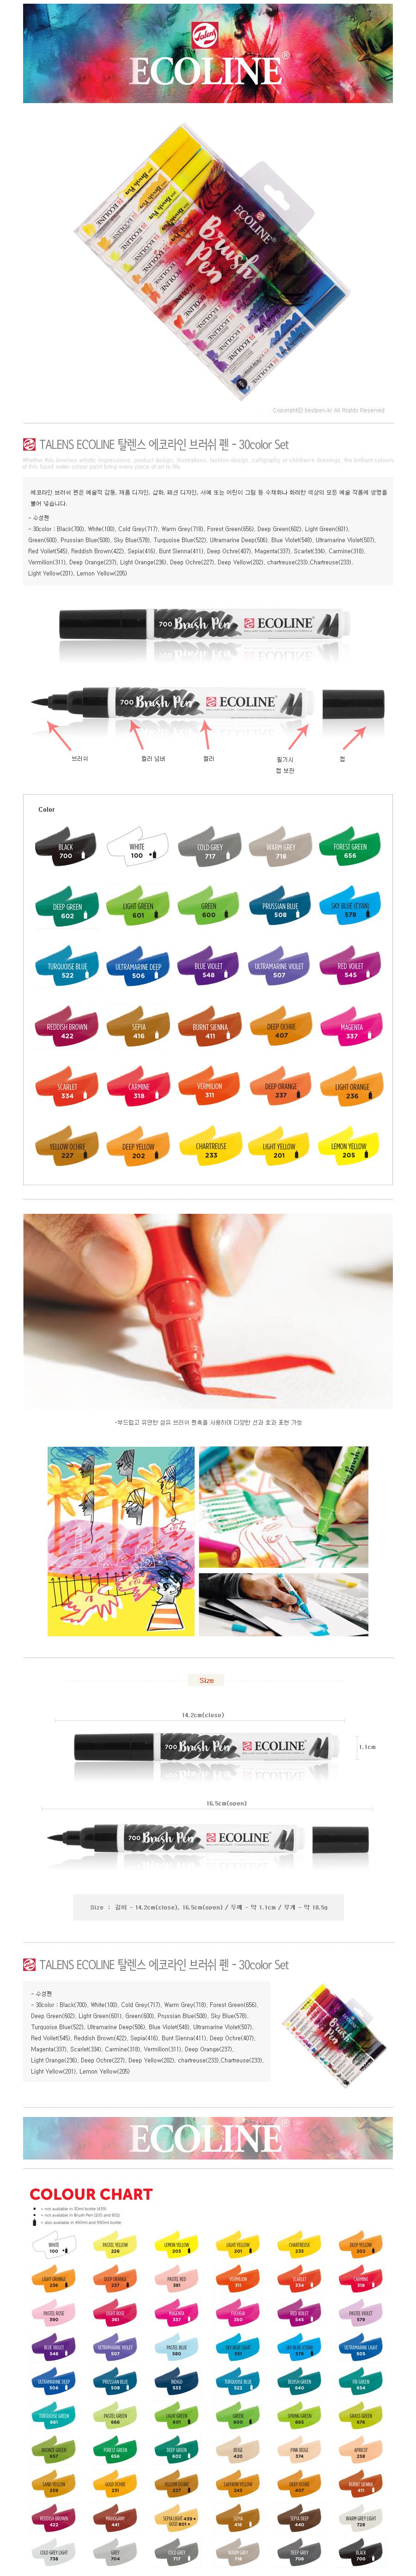 [로얄탈렌스] 탈렌스 에코라인 브러쉬펜 30color Set - 베스트펜, 128,000원, 데코펜, 캘리그라피펜